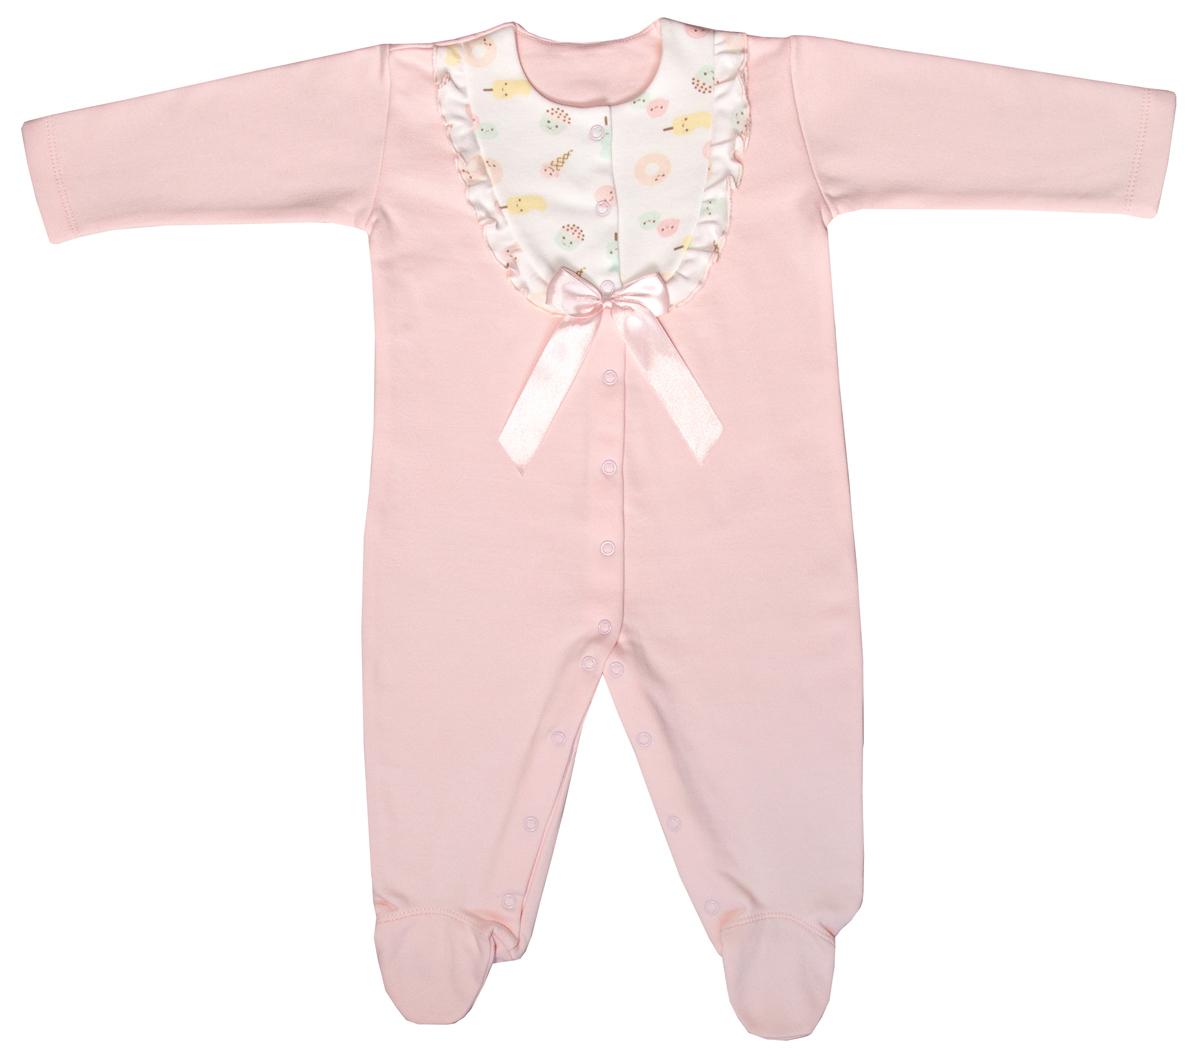 Комбинезон домашний для девочки Мамуляндия Сластена, цвет: розовый. 17-802. Размер 6817-802Комбинезон домашний для девочки Мамуляндия с длинными рукавами и круглым вырезом горловины послужит идеальным дополнением к гардеробу вашего малыша, обеспечивая ему наибольший комфорт. Изготовленный из натурального хлопка, он необычайно мягкий и легкий, не раздражает нежную кожу ребенка и хорошо вентилируется, а эластичные швы приятны телу младенца и не препятствуют его движениям. Удобные застежки-кнопки помогают легко переодеть малыша.